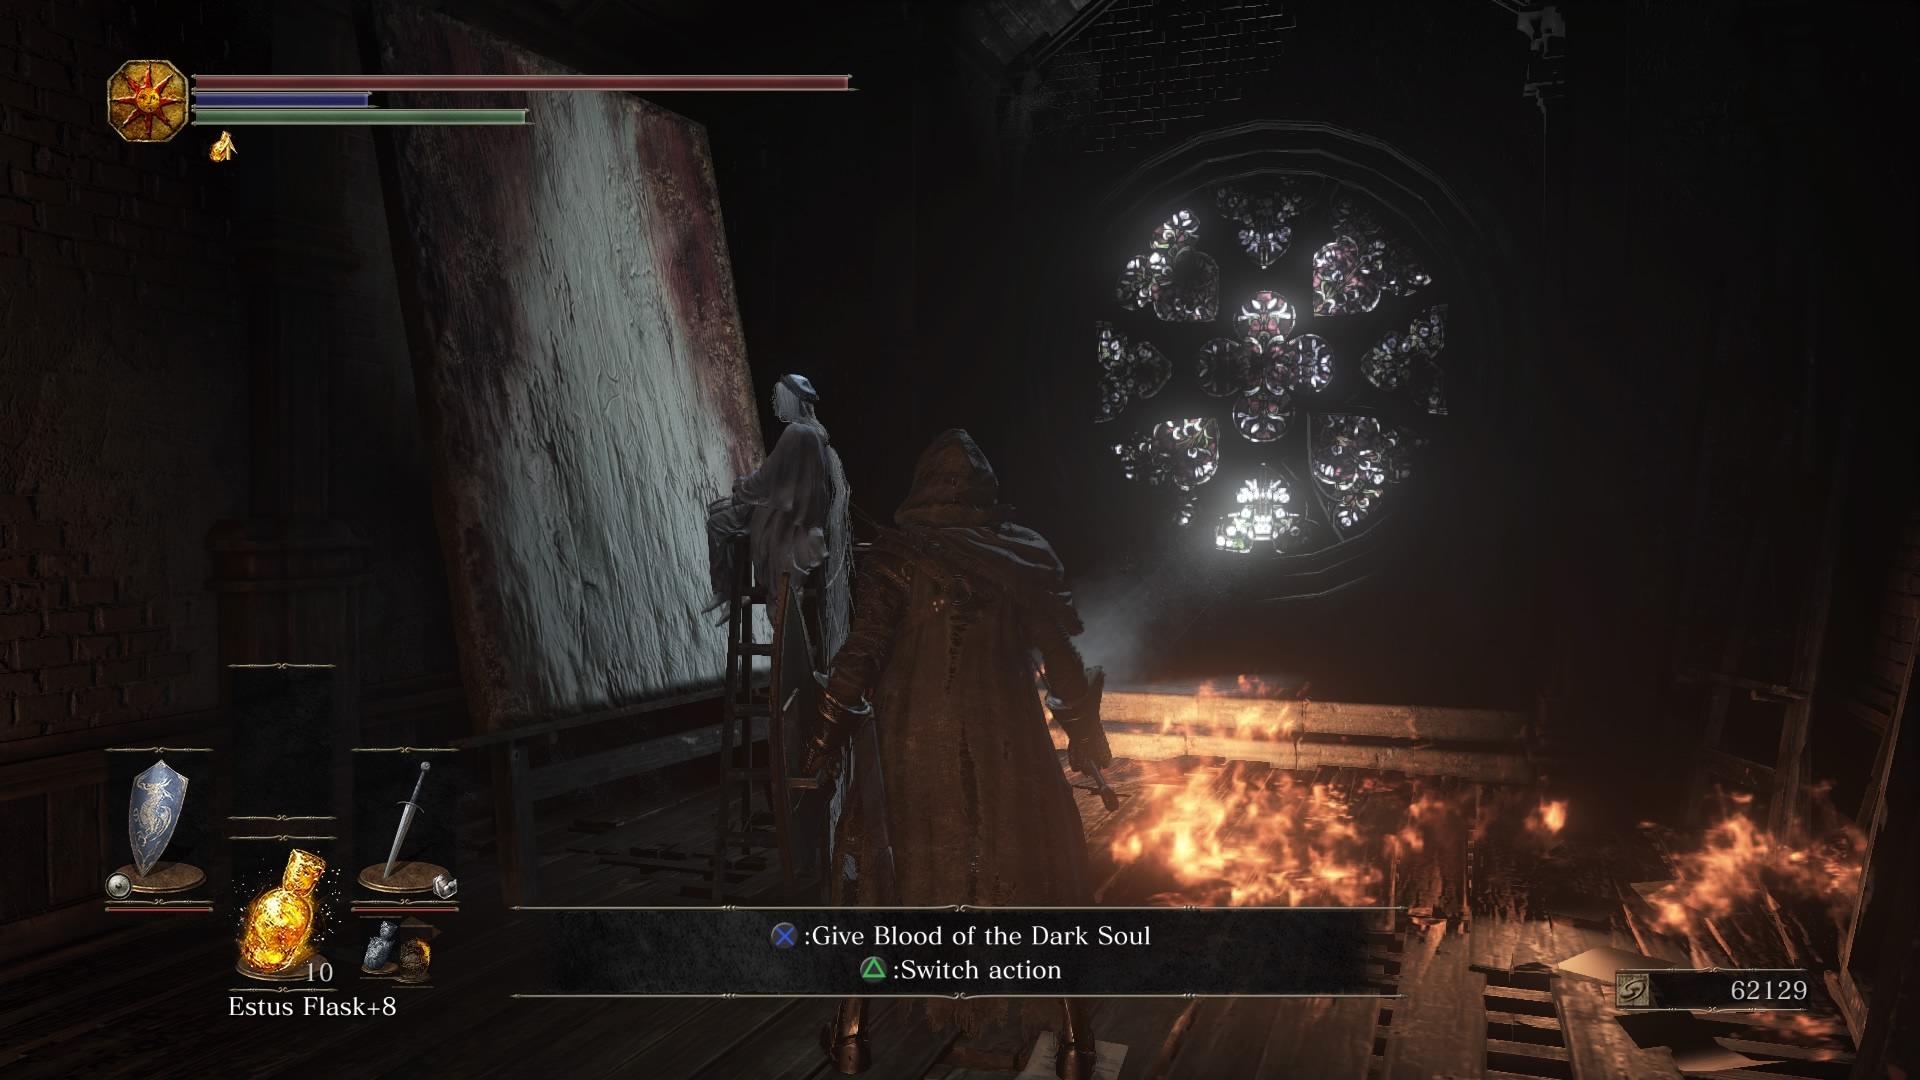 Dark Souls 3 The Ringed City Secret Ending Guide Walkthroughs